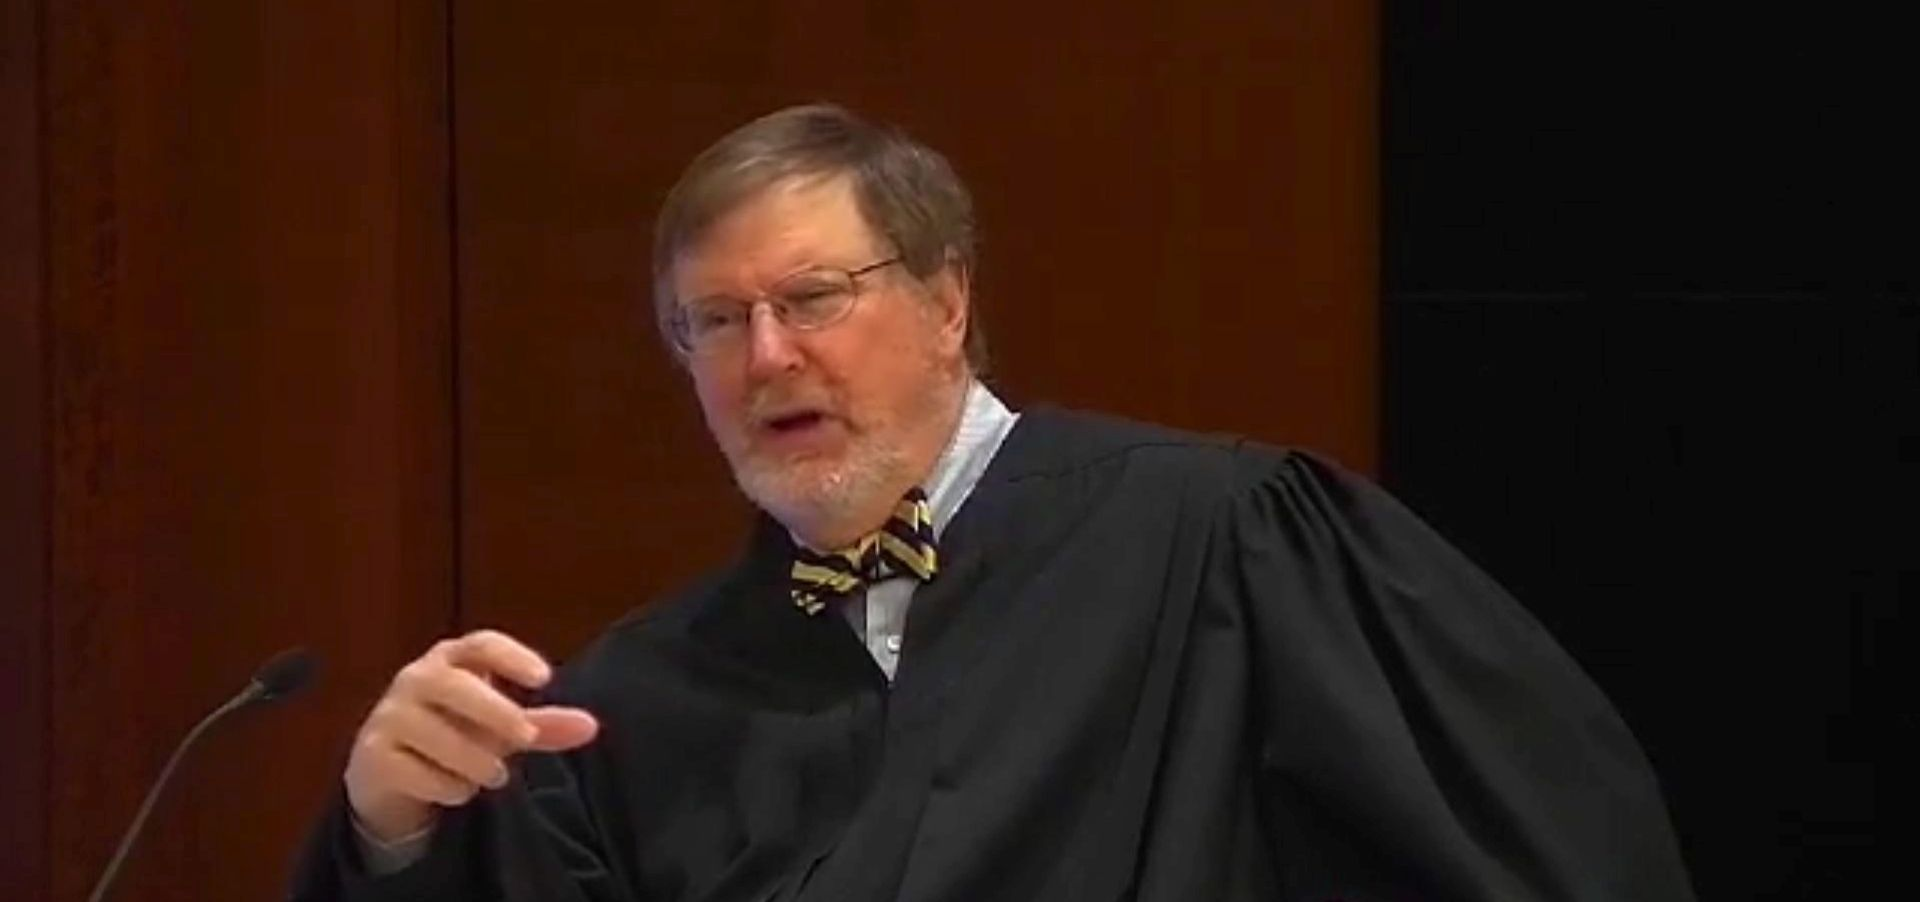 Američki sudac James Robart ostaje pri blokadi Trumpove antimuslimanske zabrane